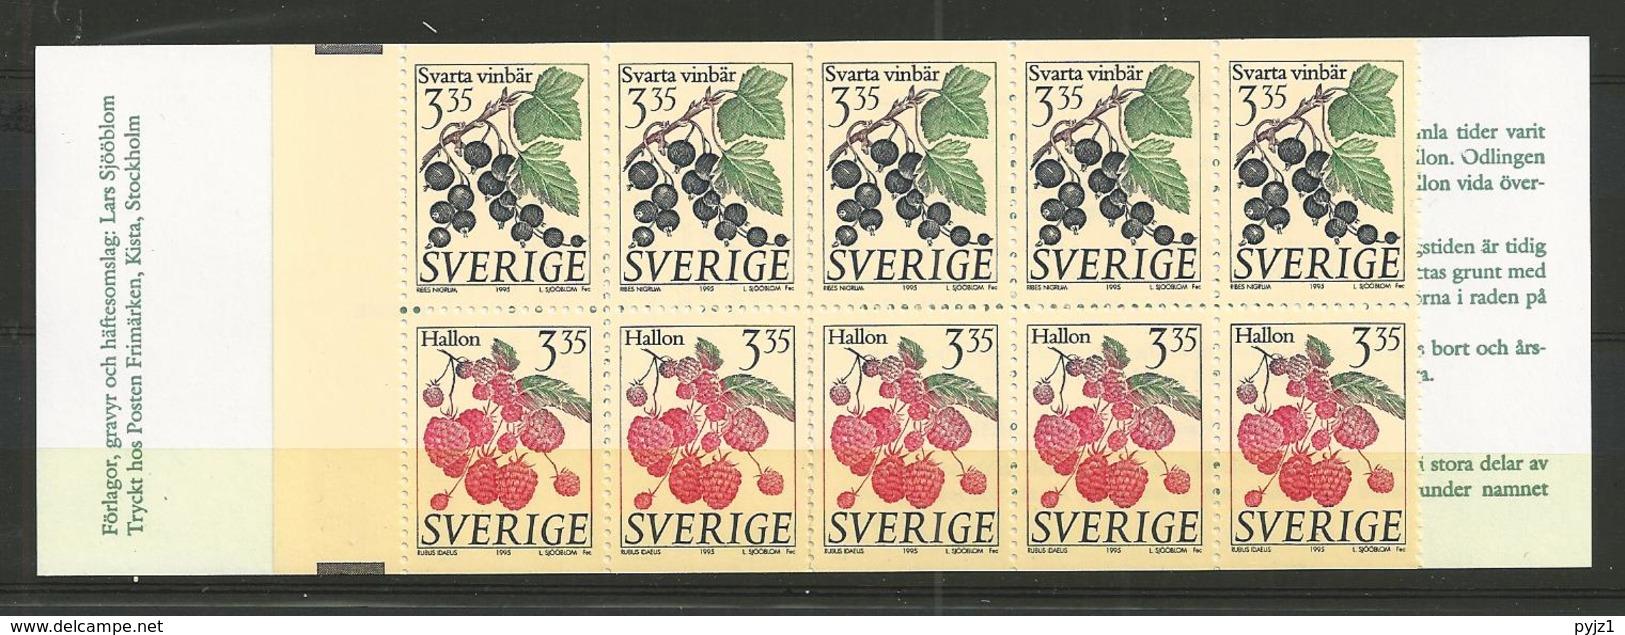 1995 MNH Schweden, Sweden, Sverige, Booklet, Postfris - Carnets